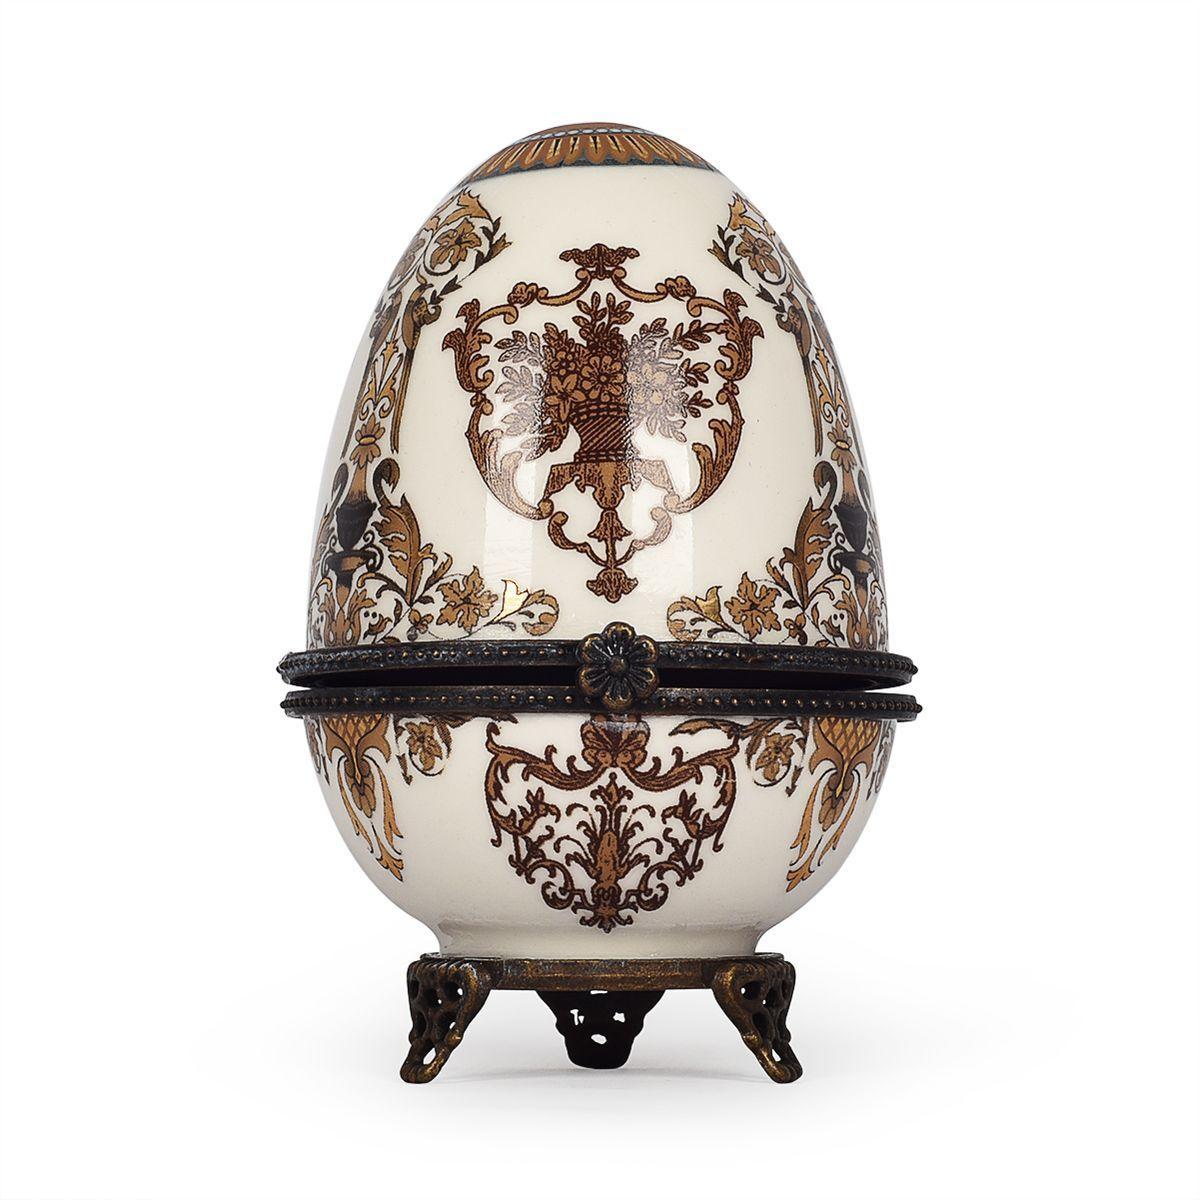 Фарфоровая шкатулка-яйцо с узором из акантовых листьев